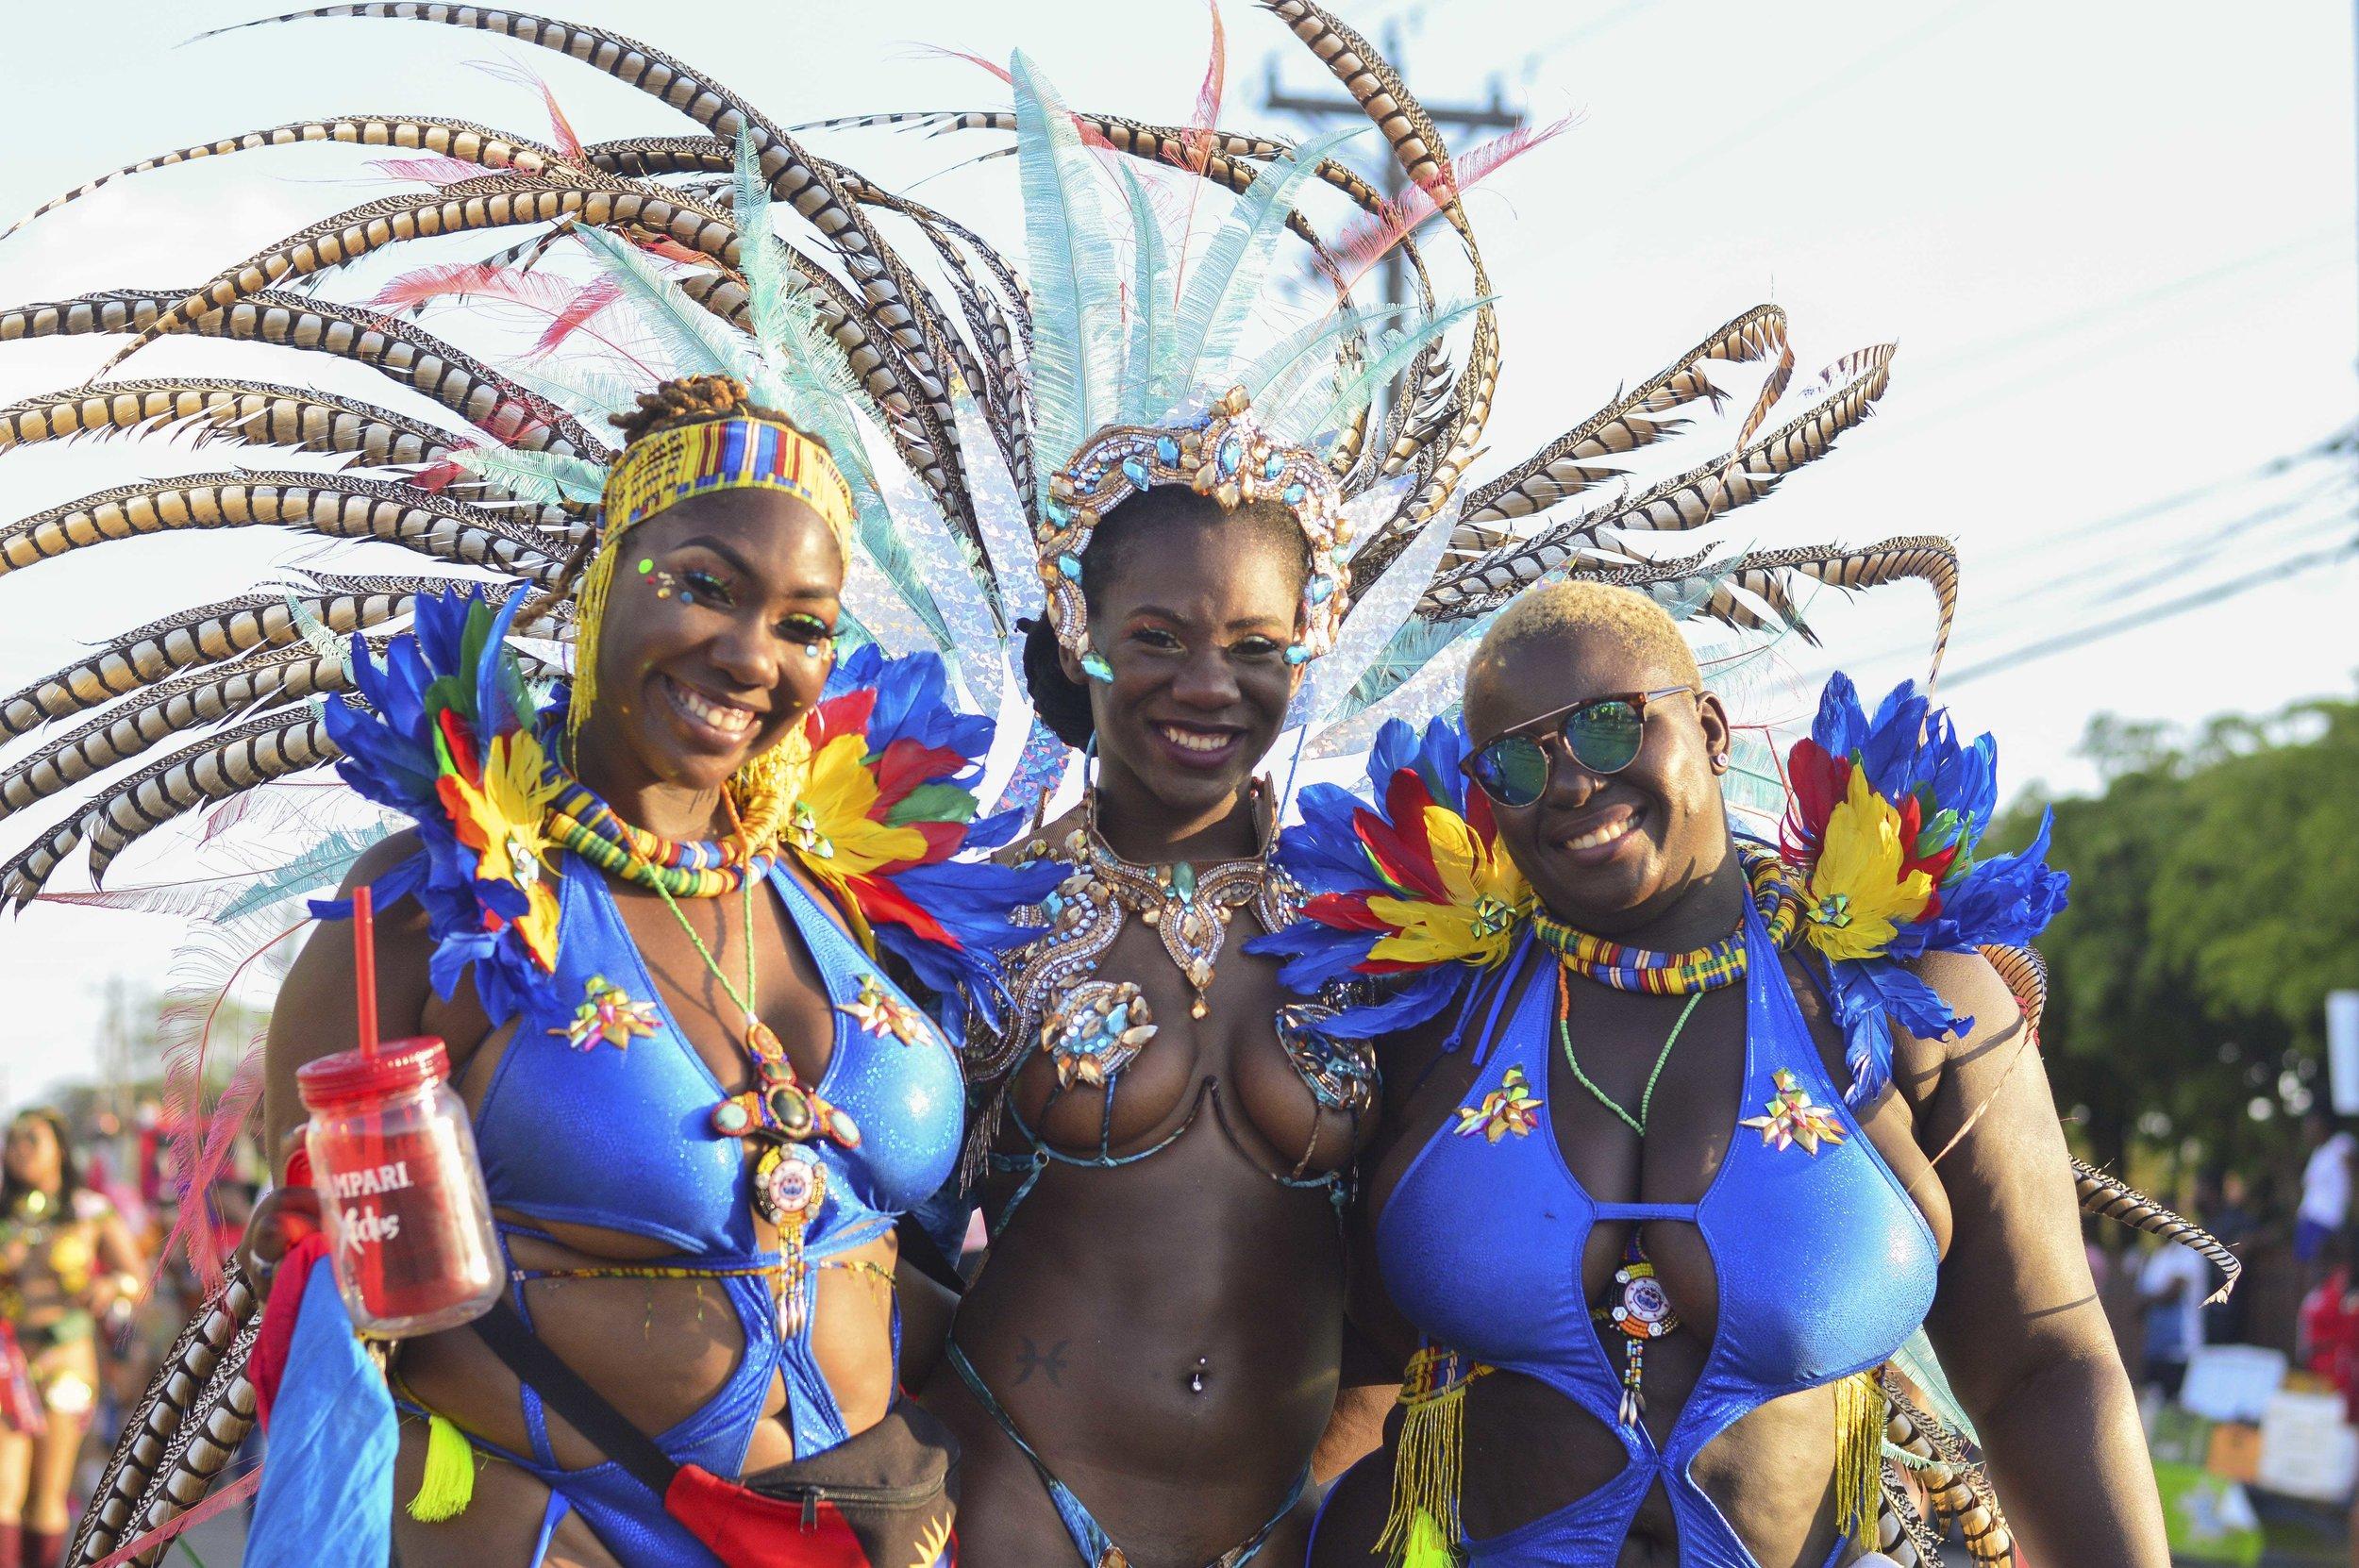 carnival2019_jeanalindo-15.jpg